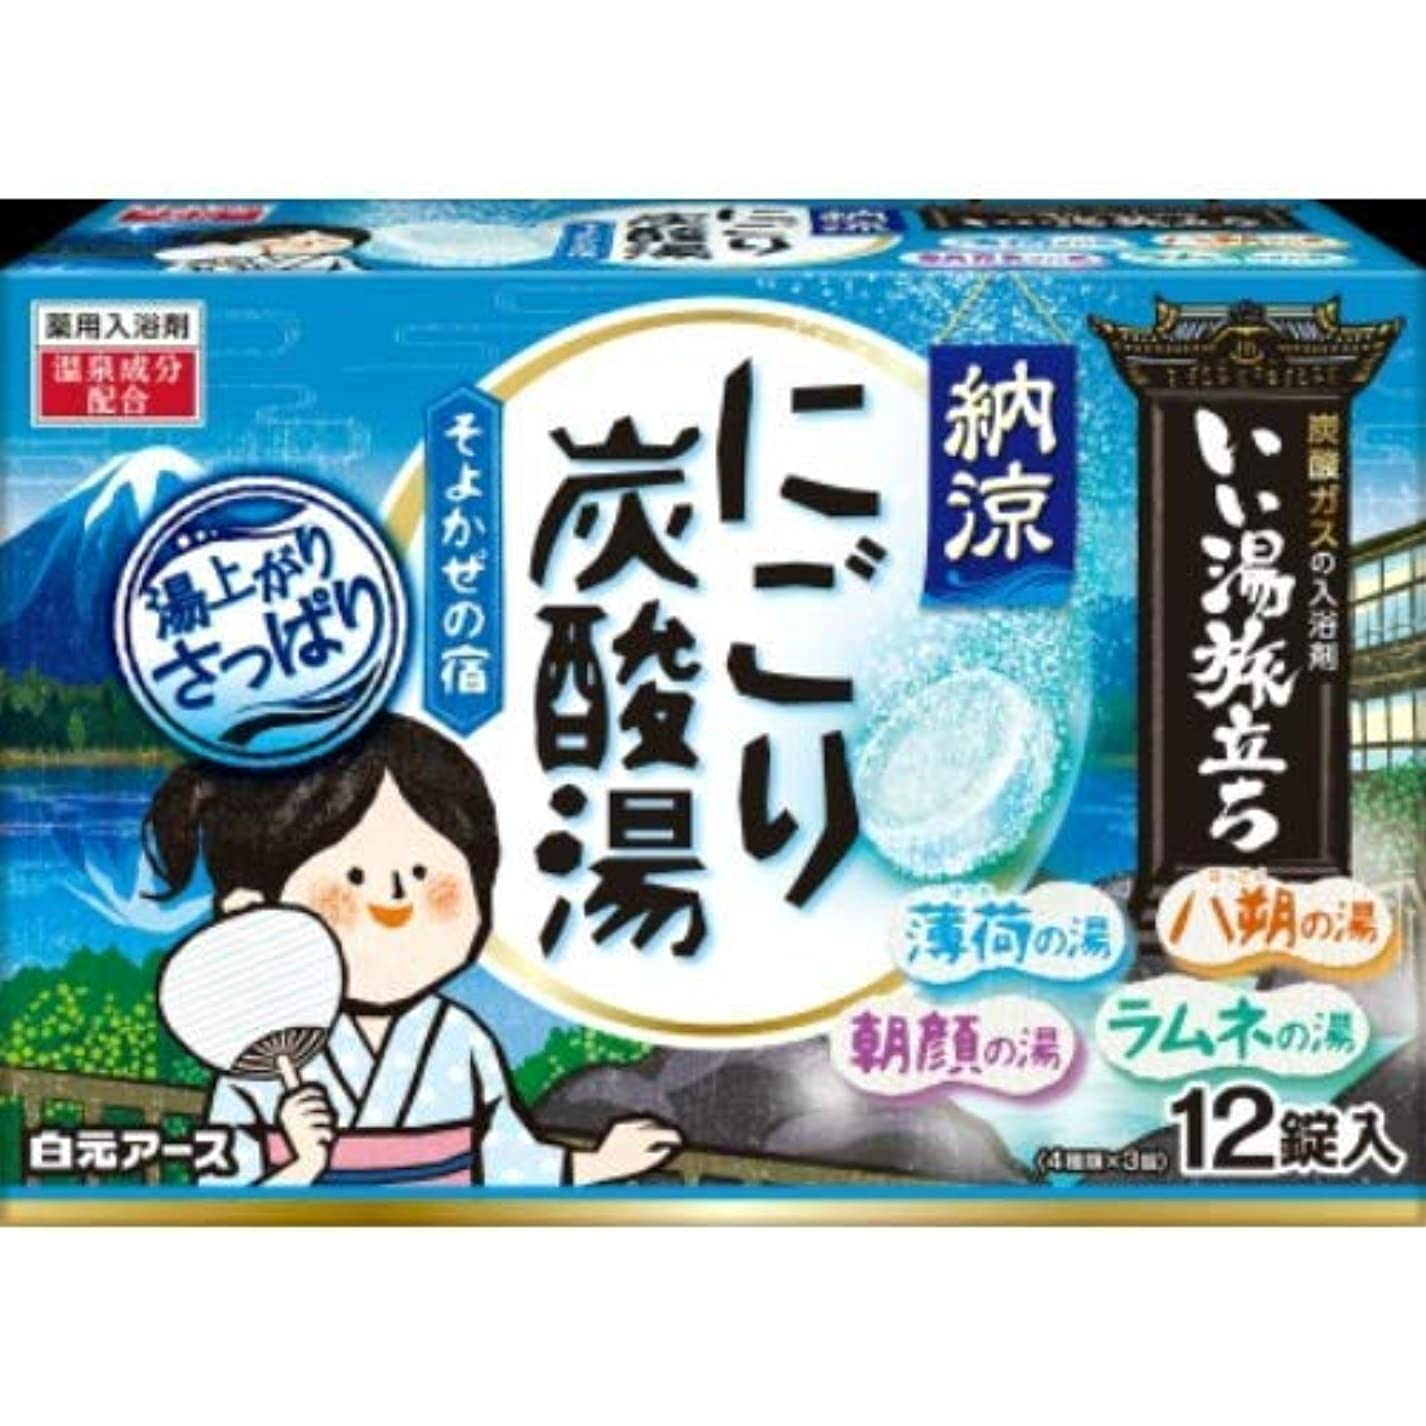 まあ盲信バレルいい湯旅立ち 納涼にごり炭酸湯 そよかぜの宿 × 3個セット